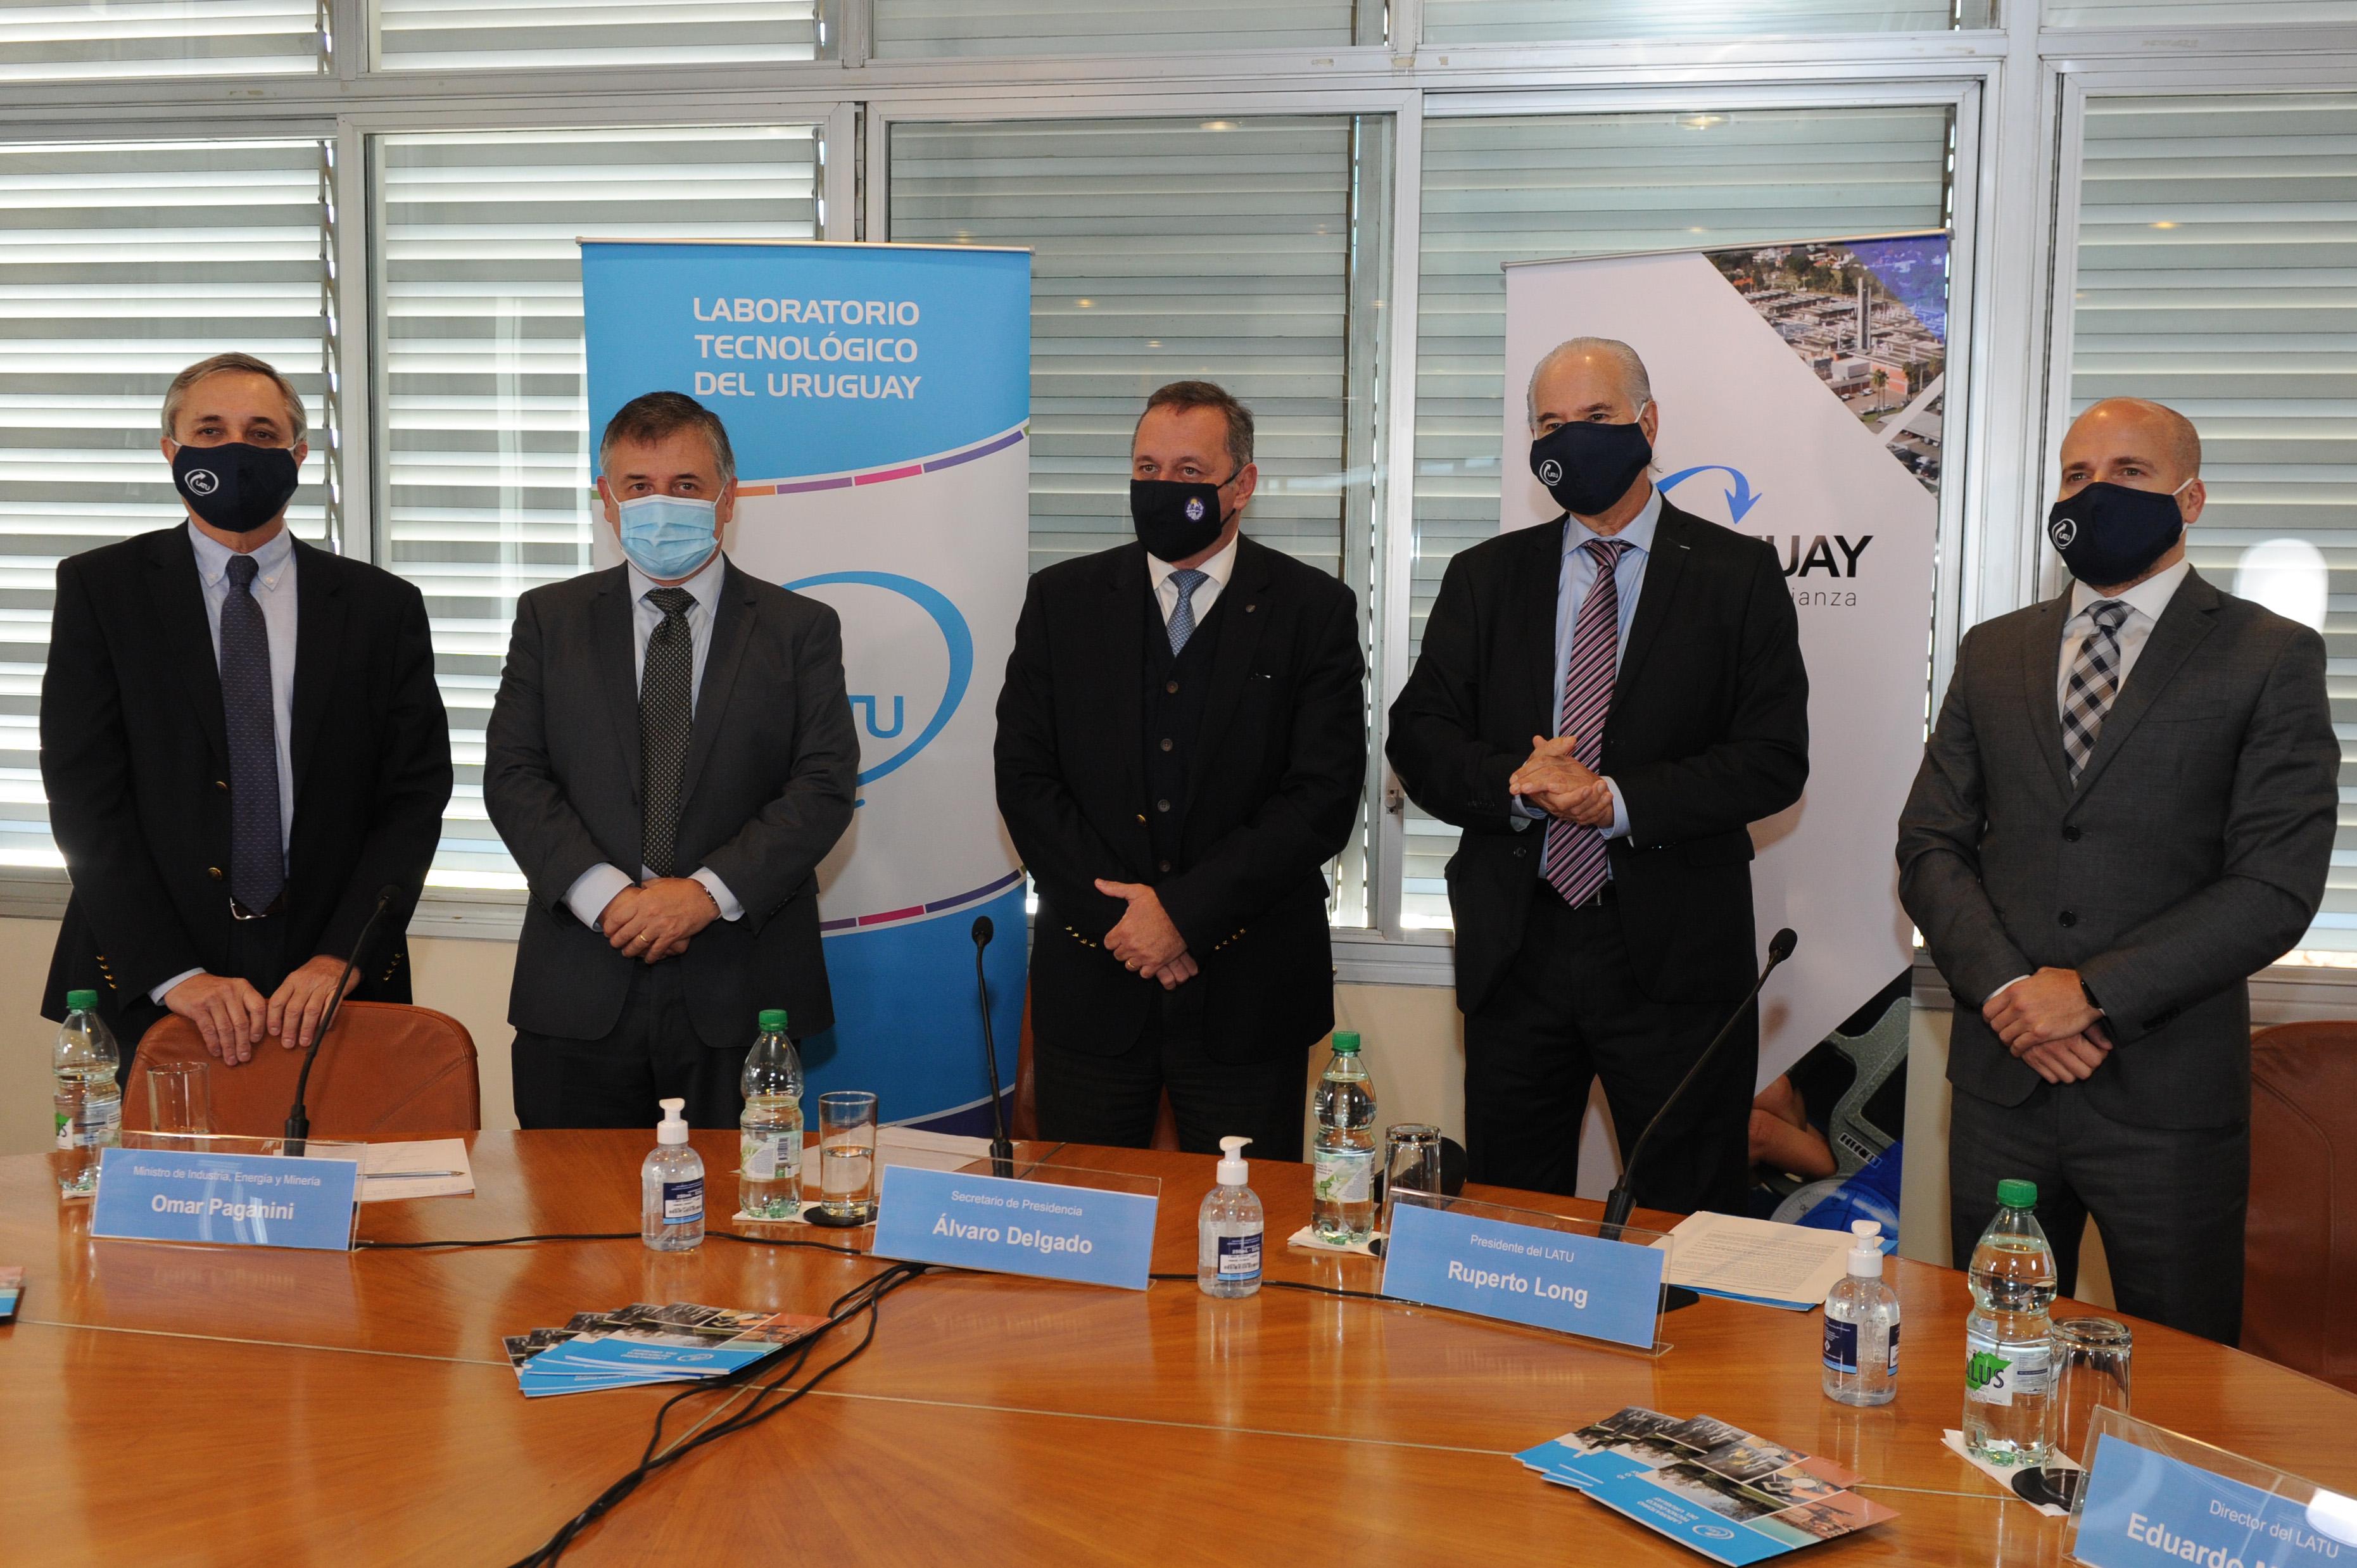 Autoridades, en lanzamiento de programa LATU Uruguay